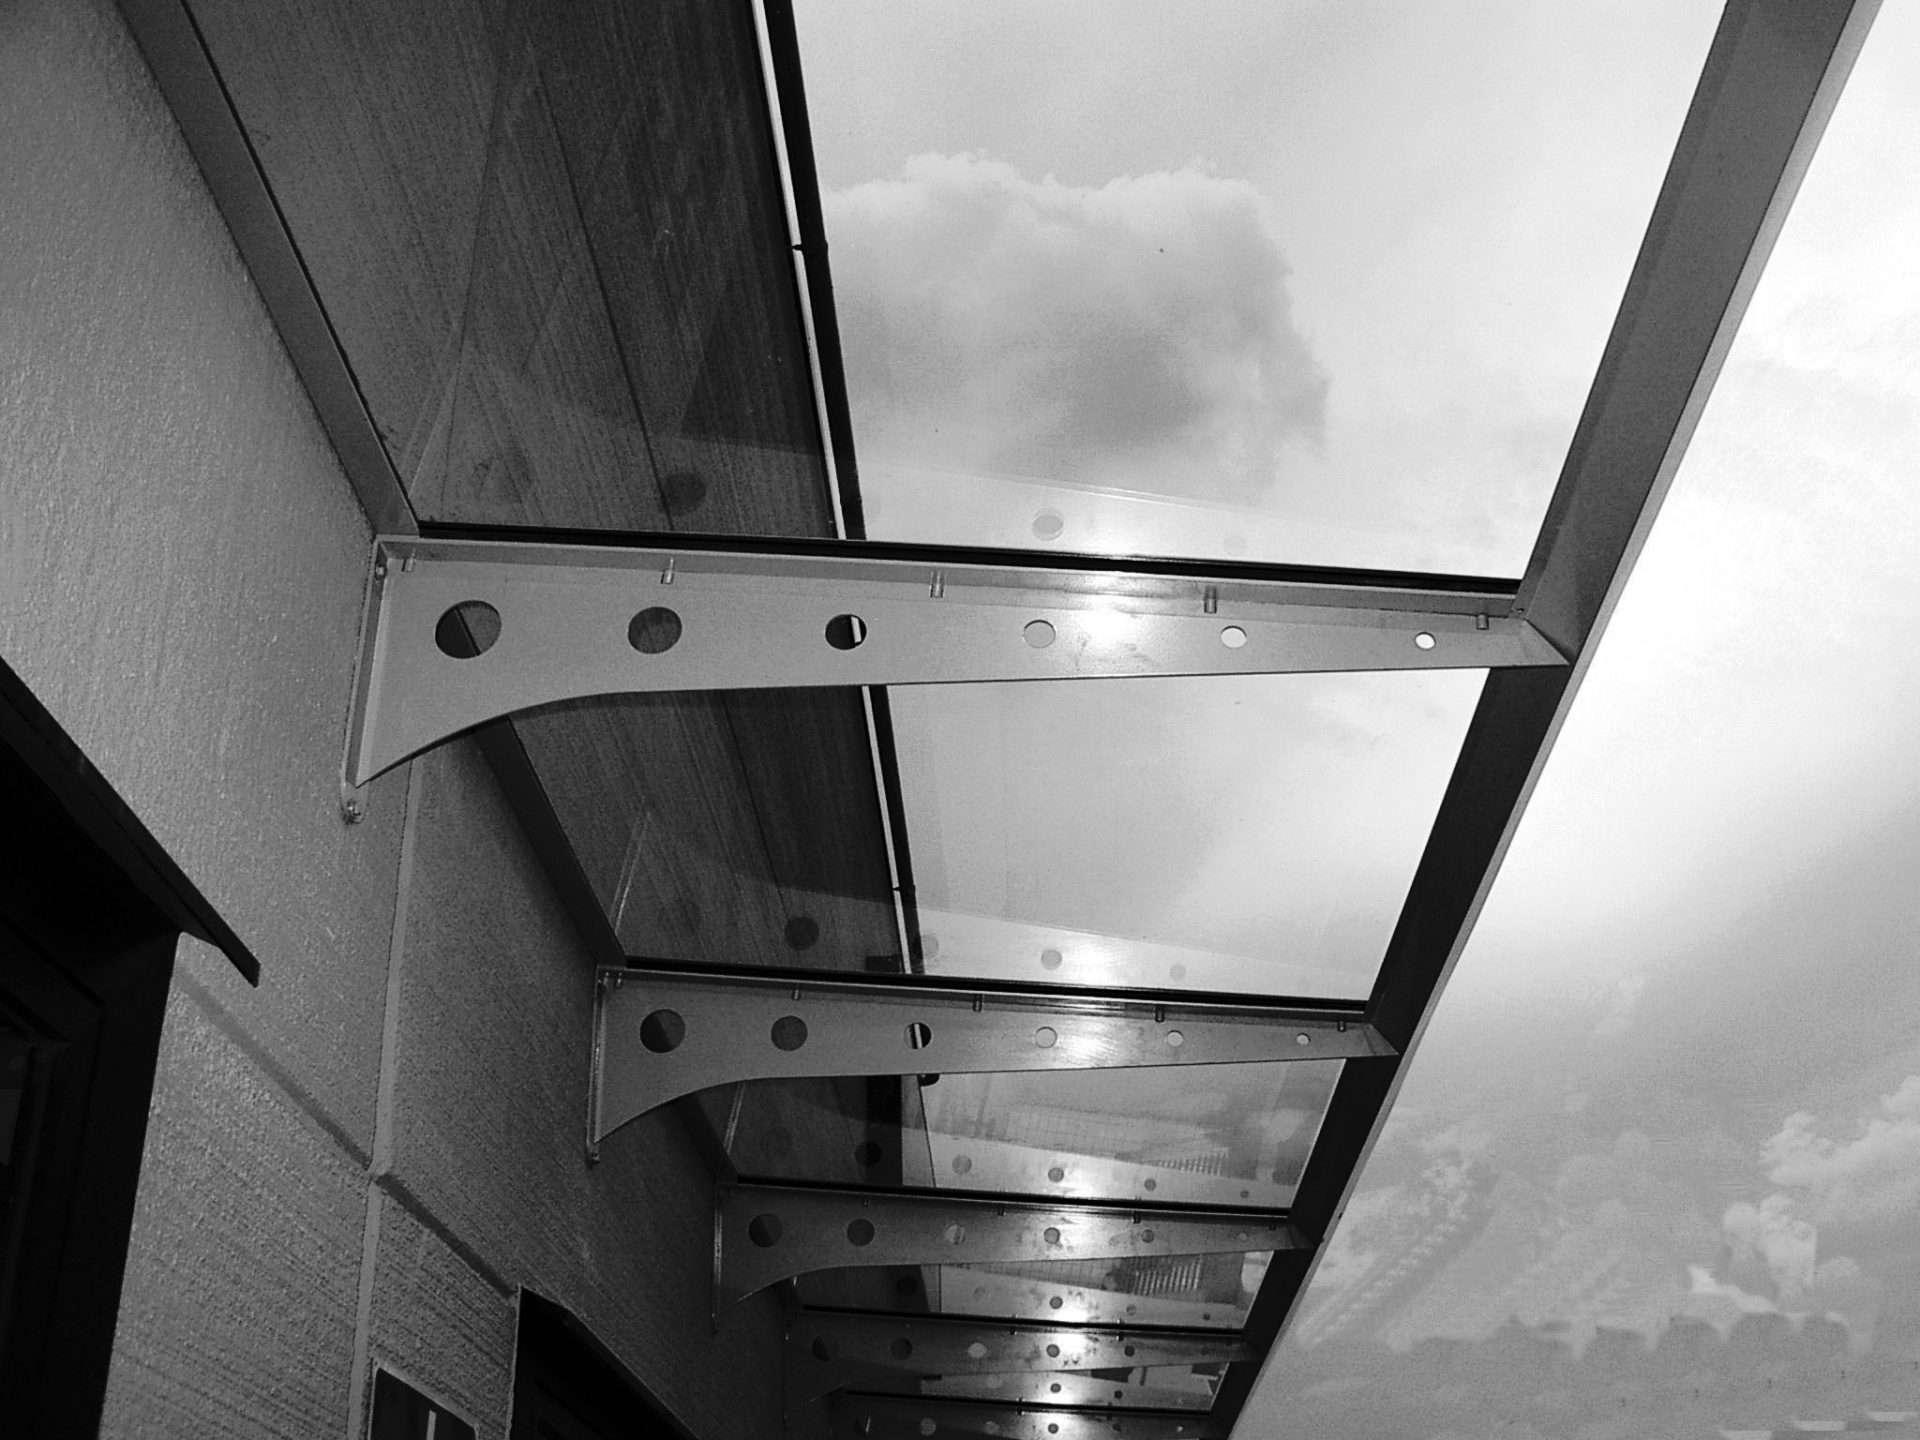 Pannelli solari trasparenti al posto delle finestre di casa sfera ingegneria - Finestre con pannelli solari ...